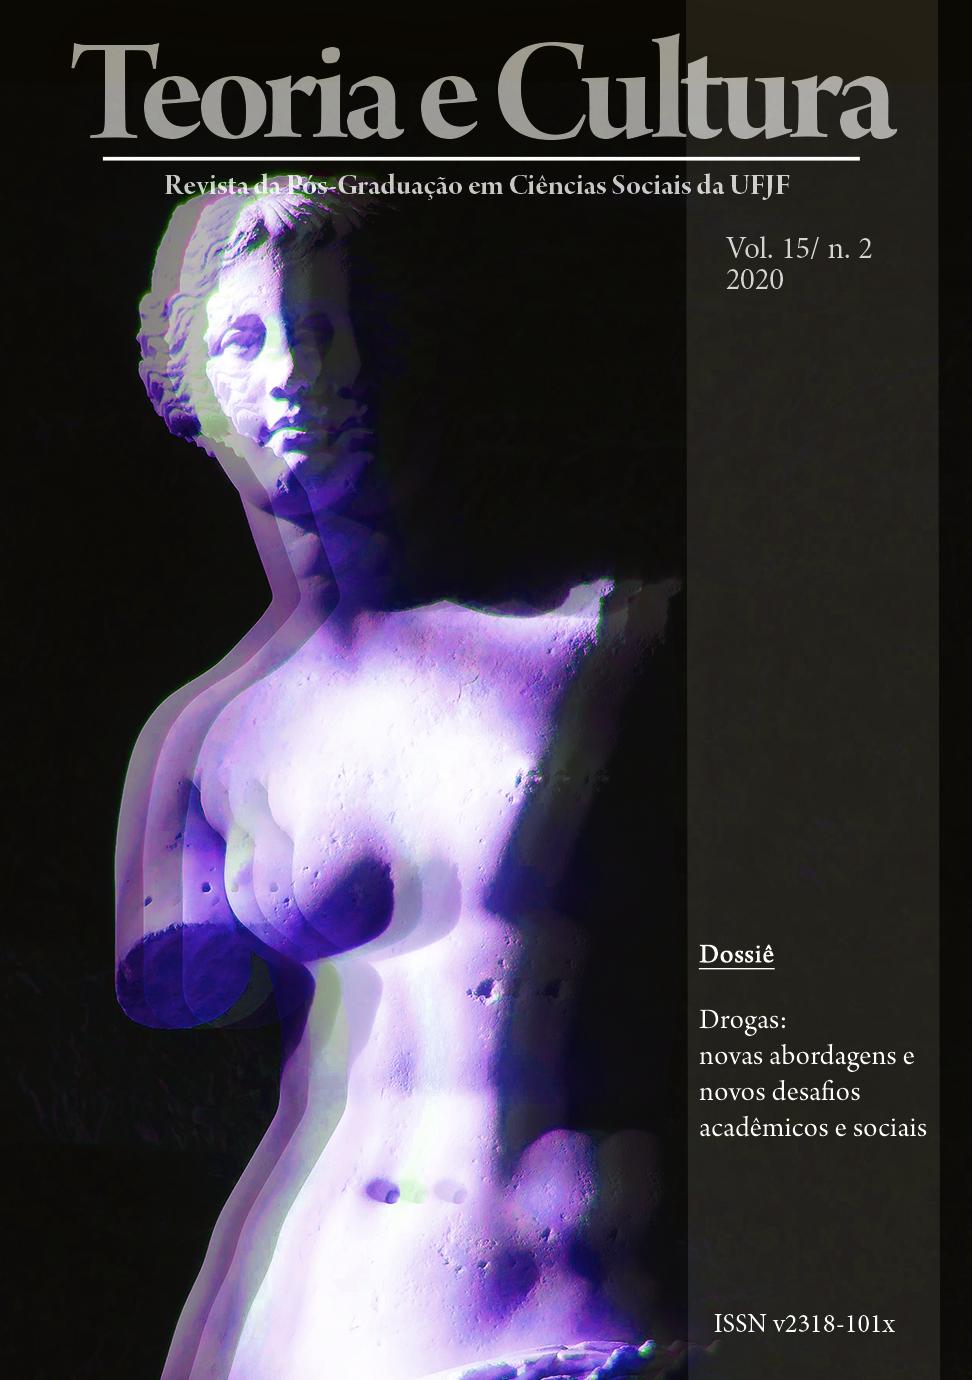 Visualizar v. 15 n. 2 (2020): Drogas: novas abordagens e novos desafios acadêmicos e sociais